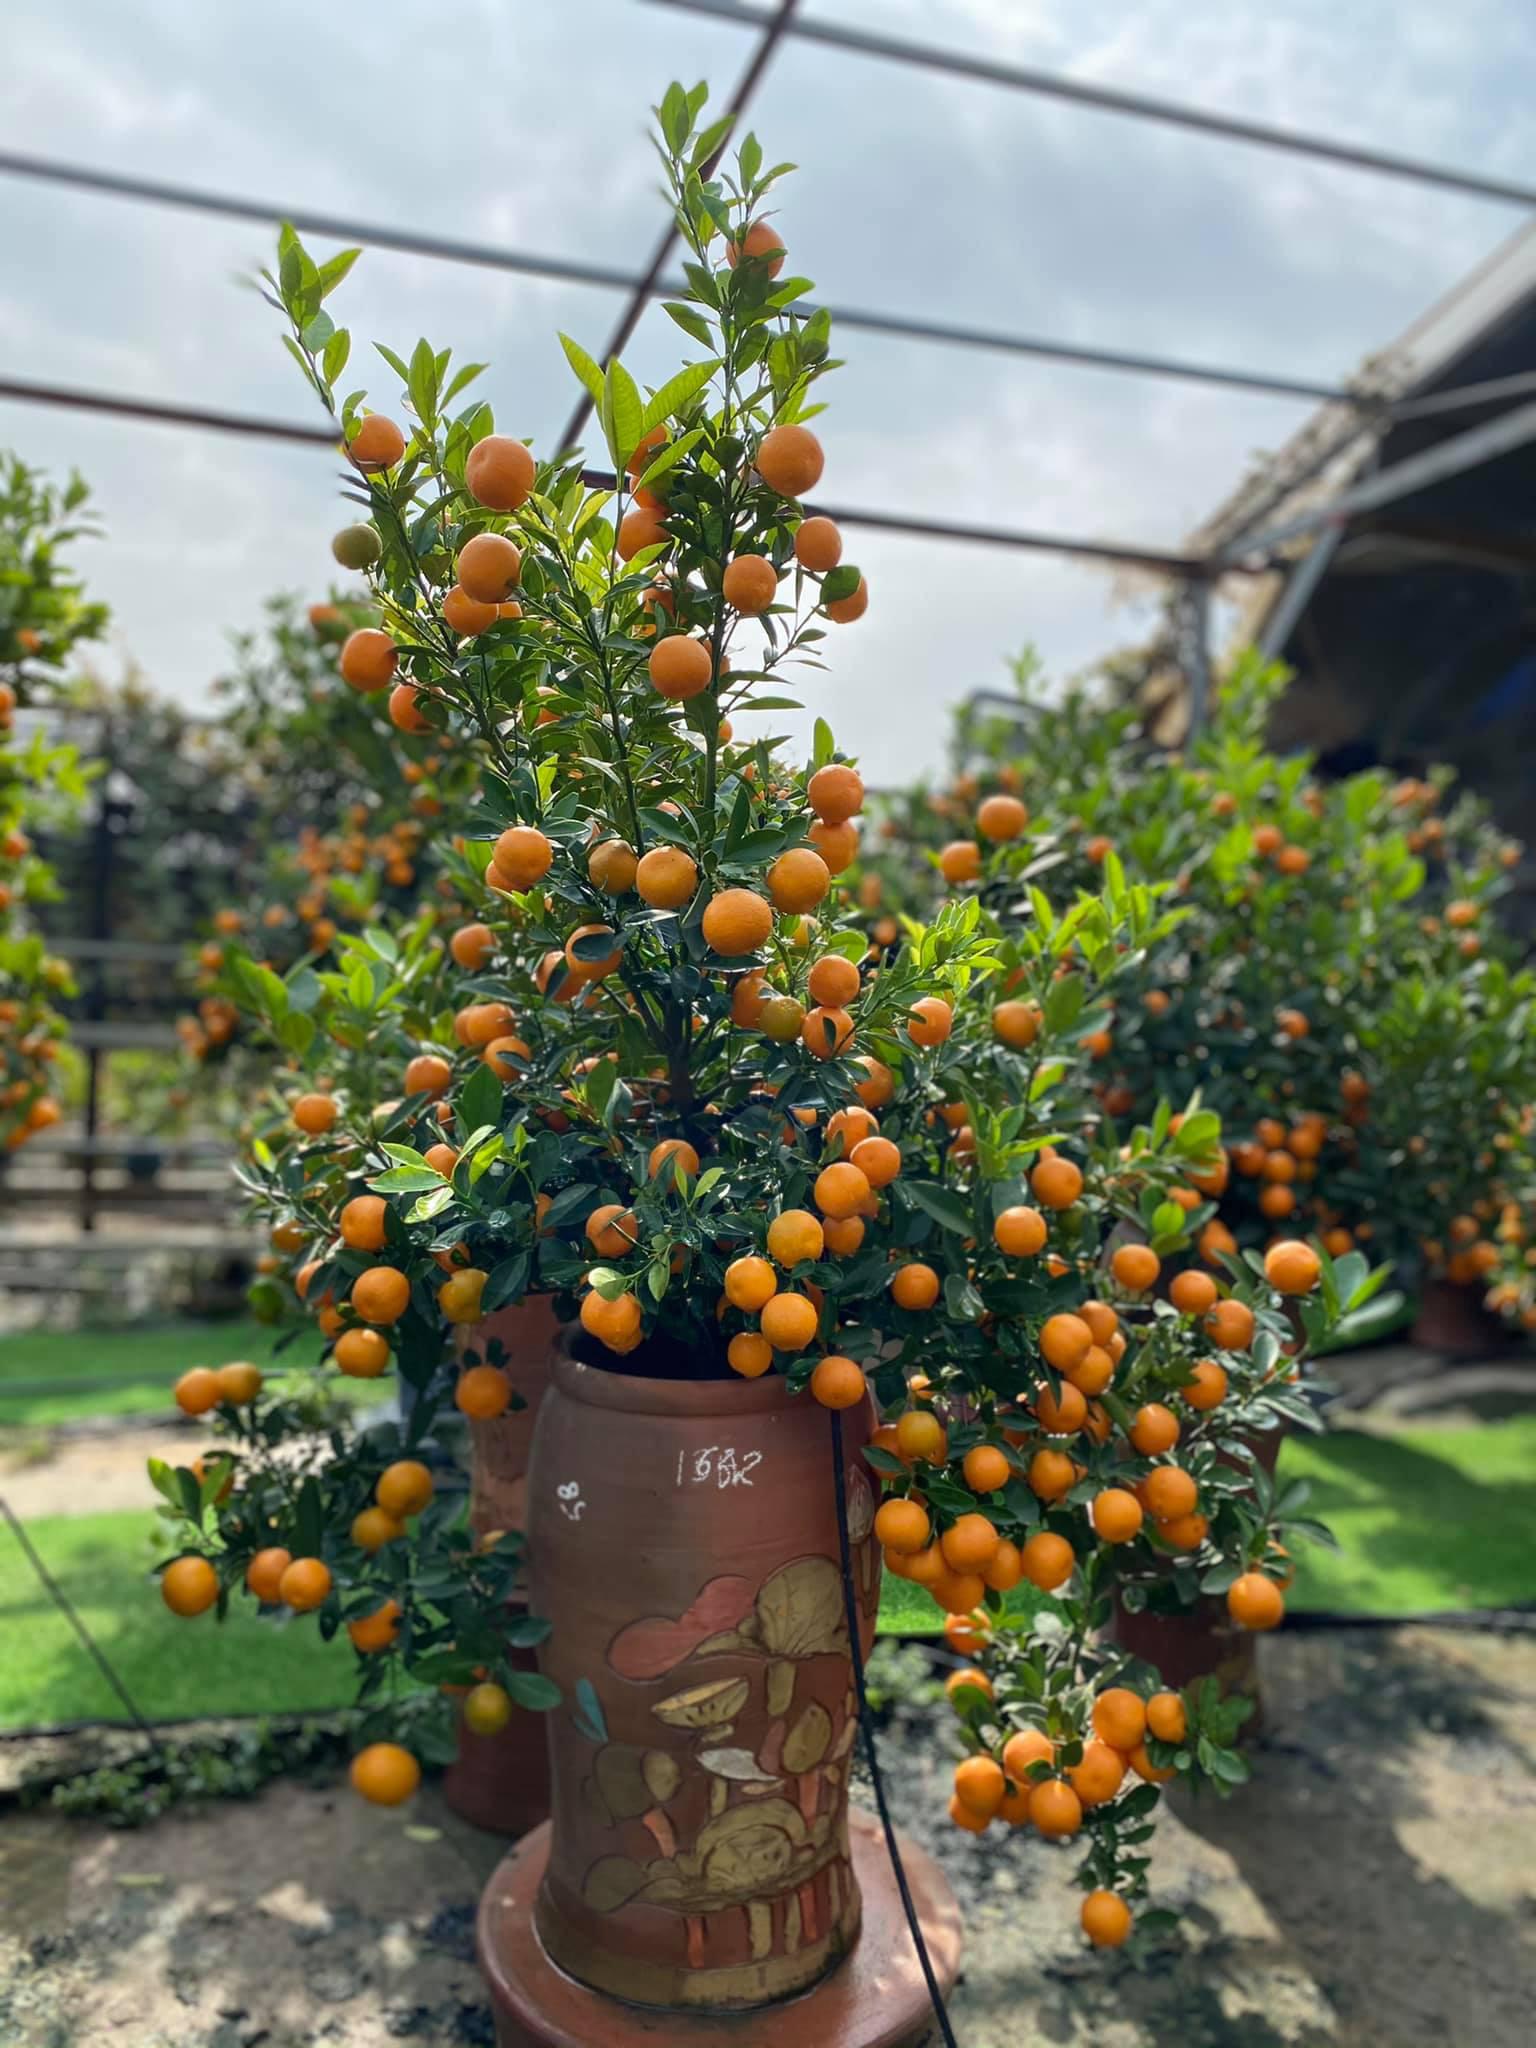 Tết Tân Sửu: Quất bonsai mini, vừa túi tiền dễ bán, dễ mua, dễ trưng bày đắt khách như tôm tươi - Ảnh 3.